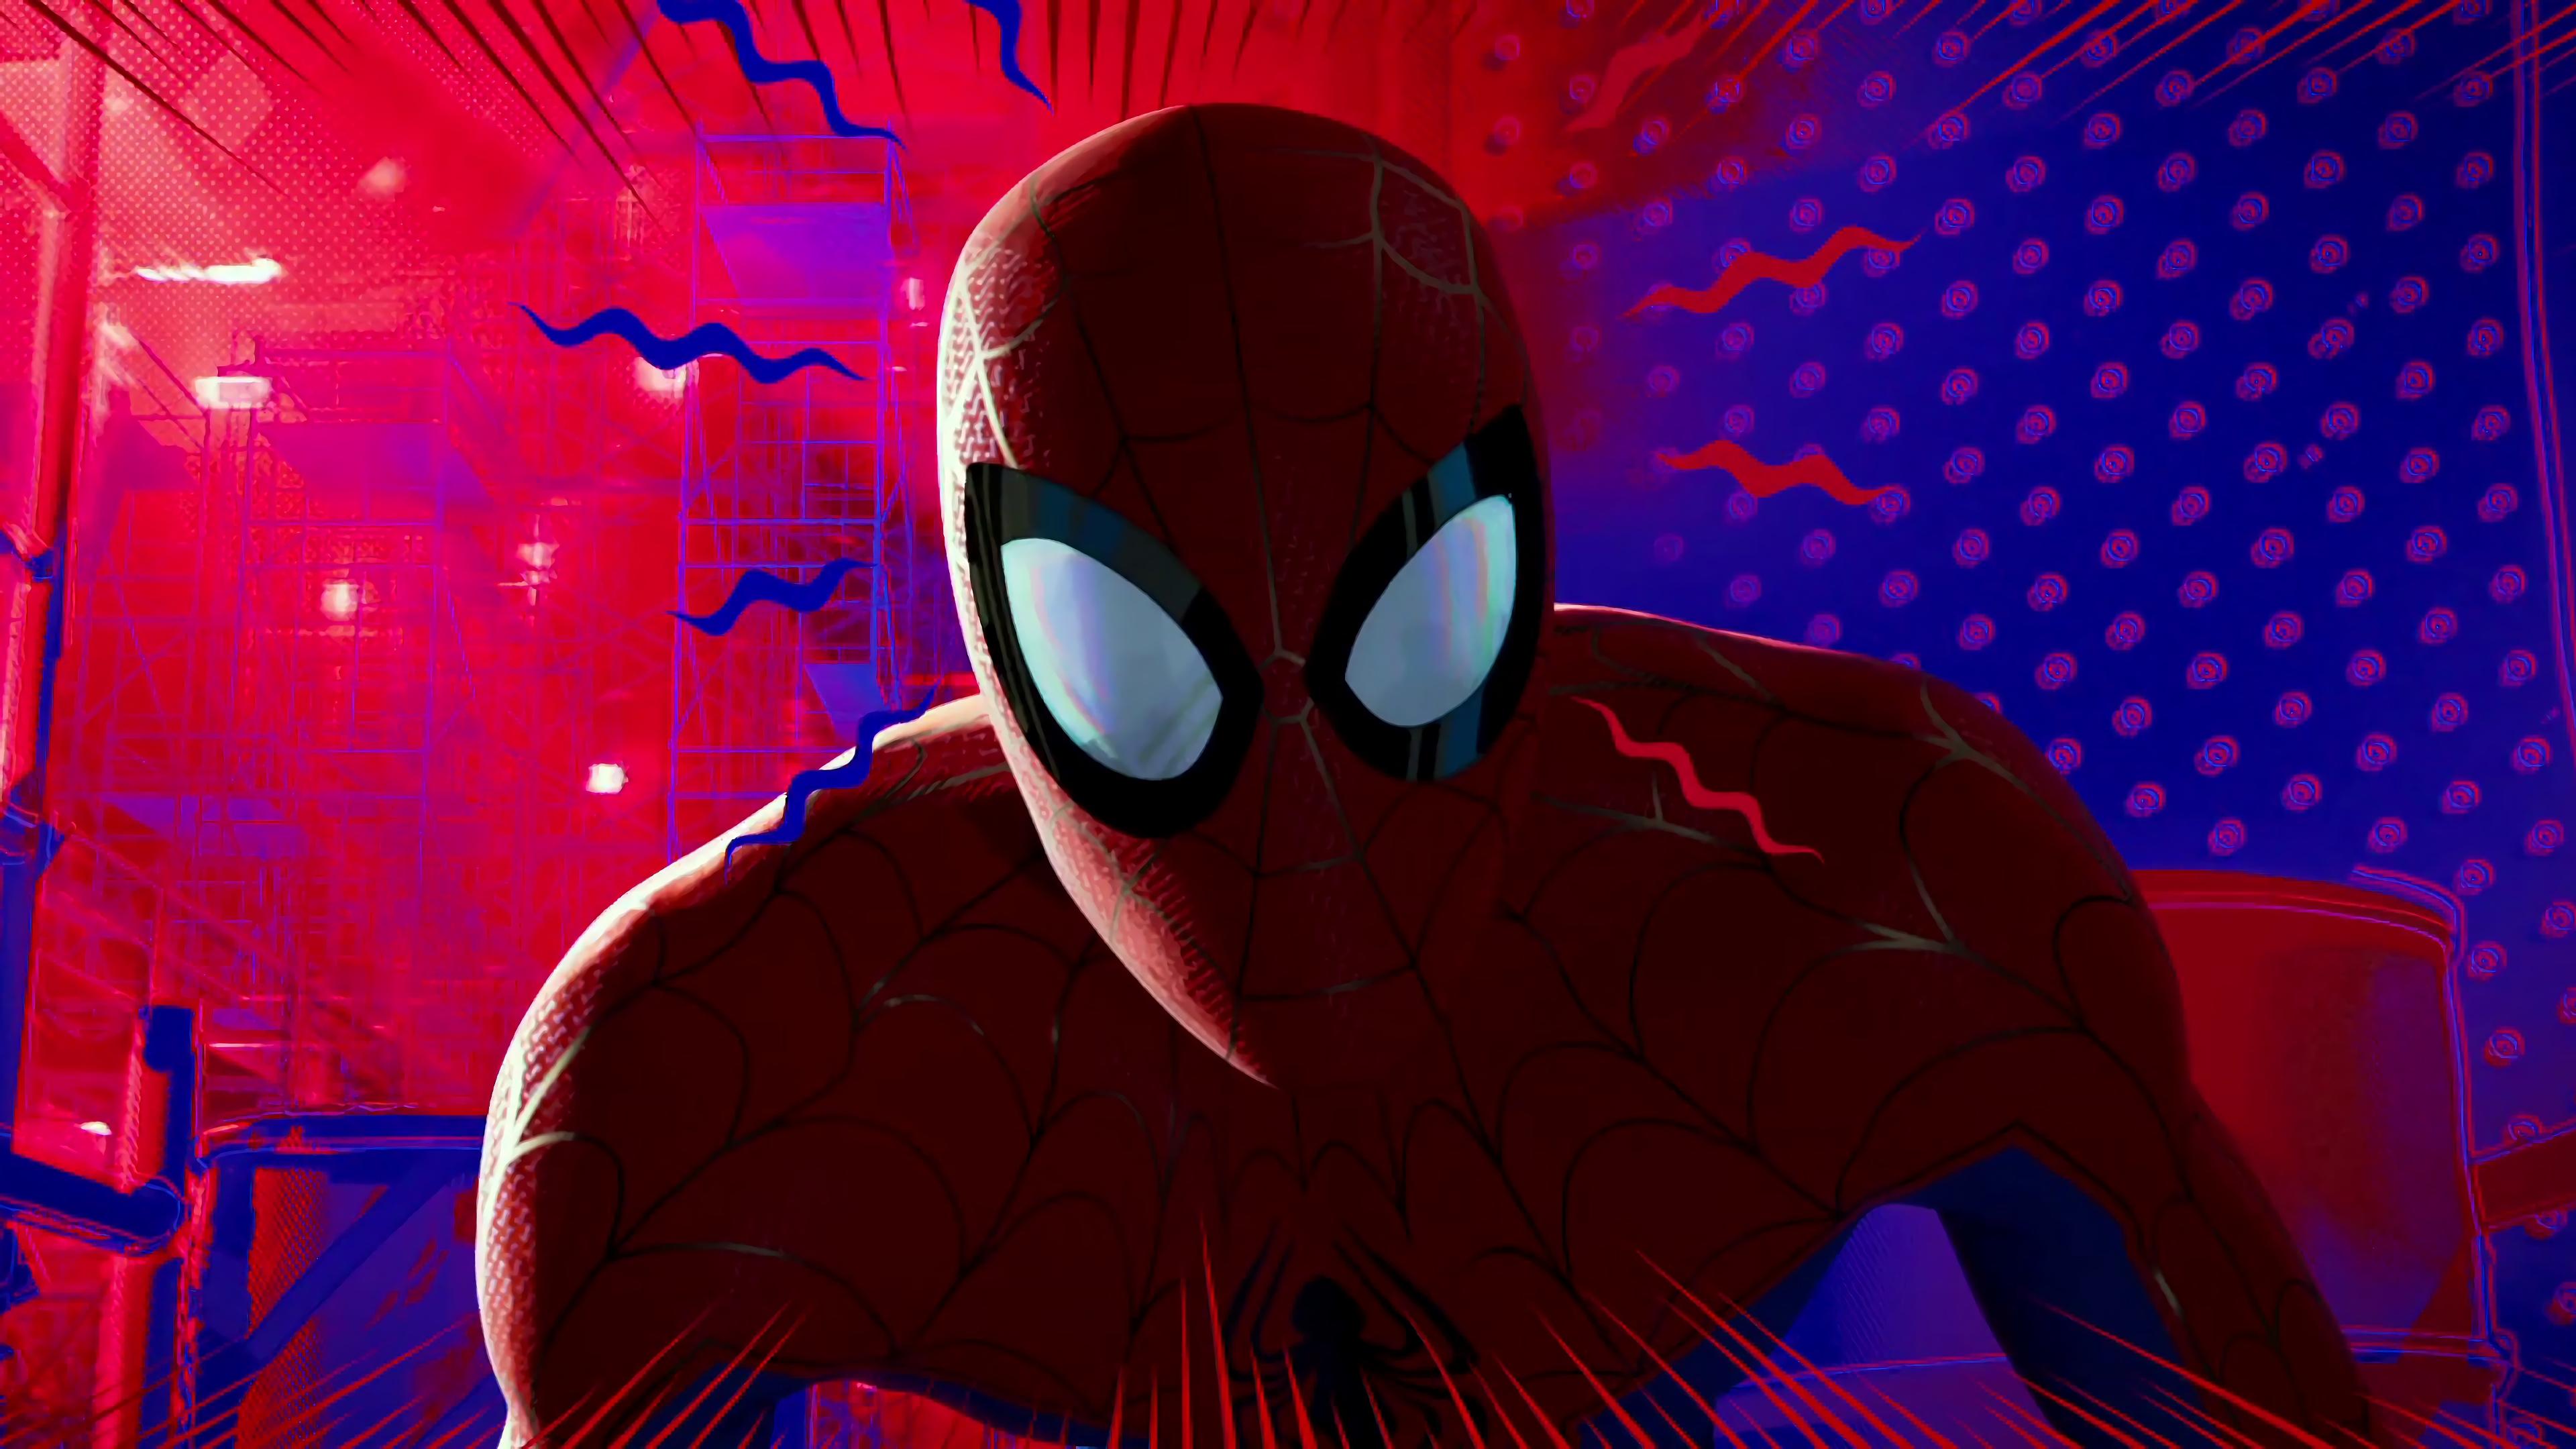 spiderman into the spider verse 2018 movie 4k 1537644812 - SpiderMan Into The Spider Verse 2018 Movie 4k - spiderman wallpapers, spiderman into the spider verse wallpapers, movies wallpapers, hd-wallpapers, animated movies wallpapers, 4k-wallpapers, 2018-movies-wallpapers